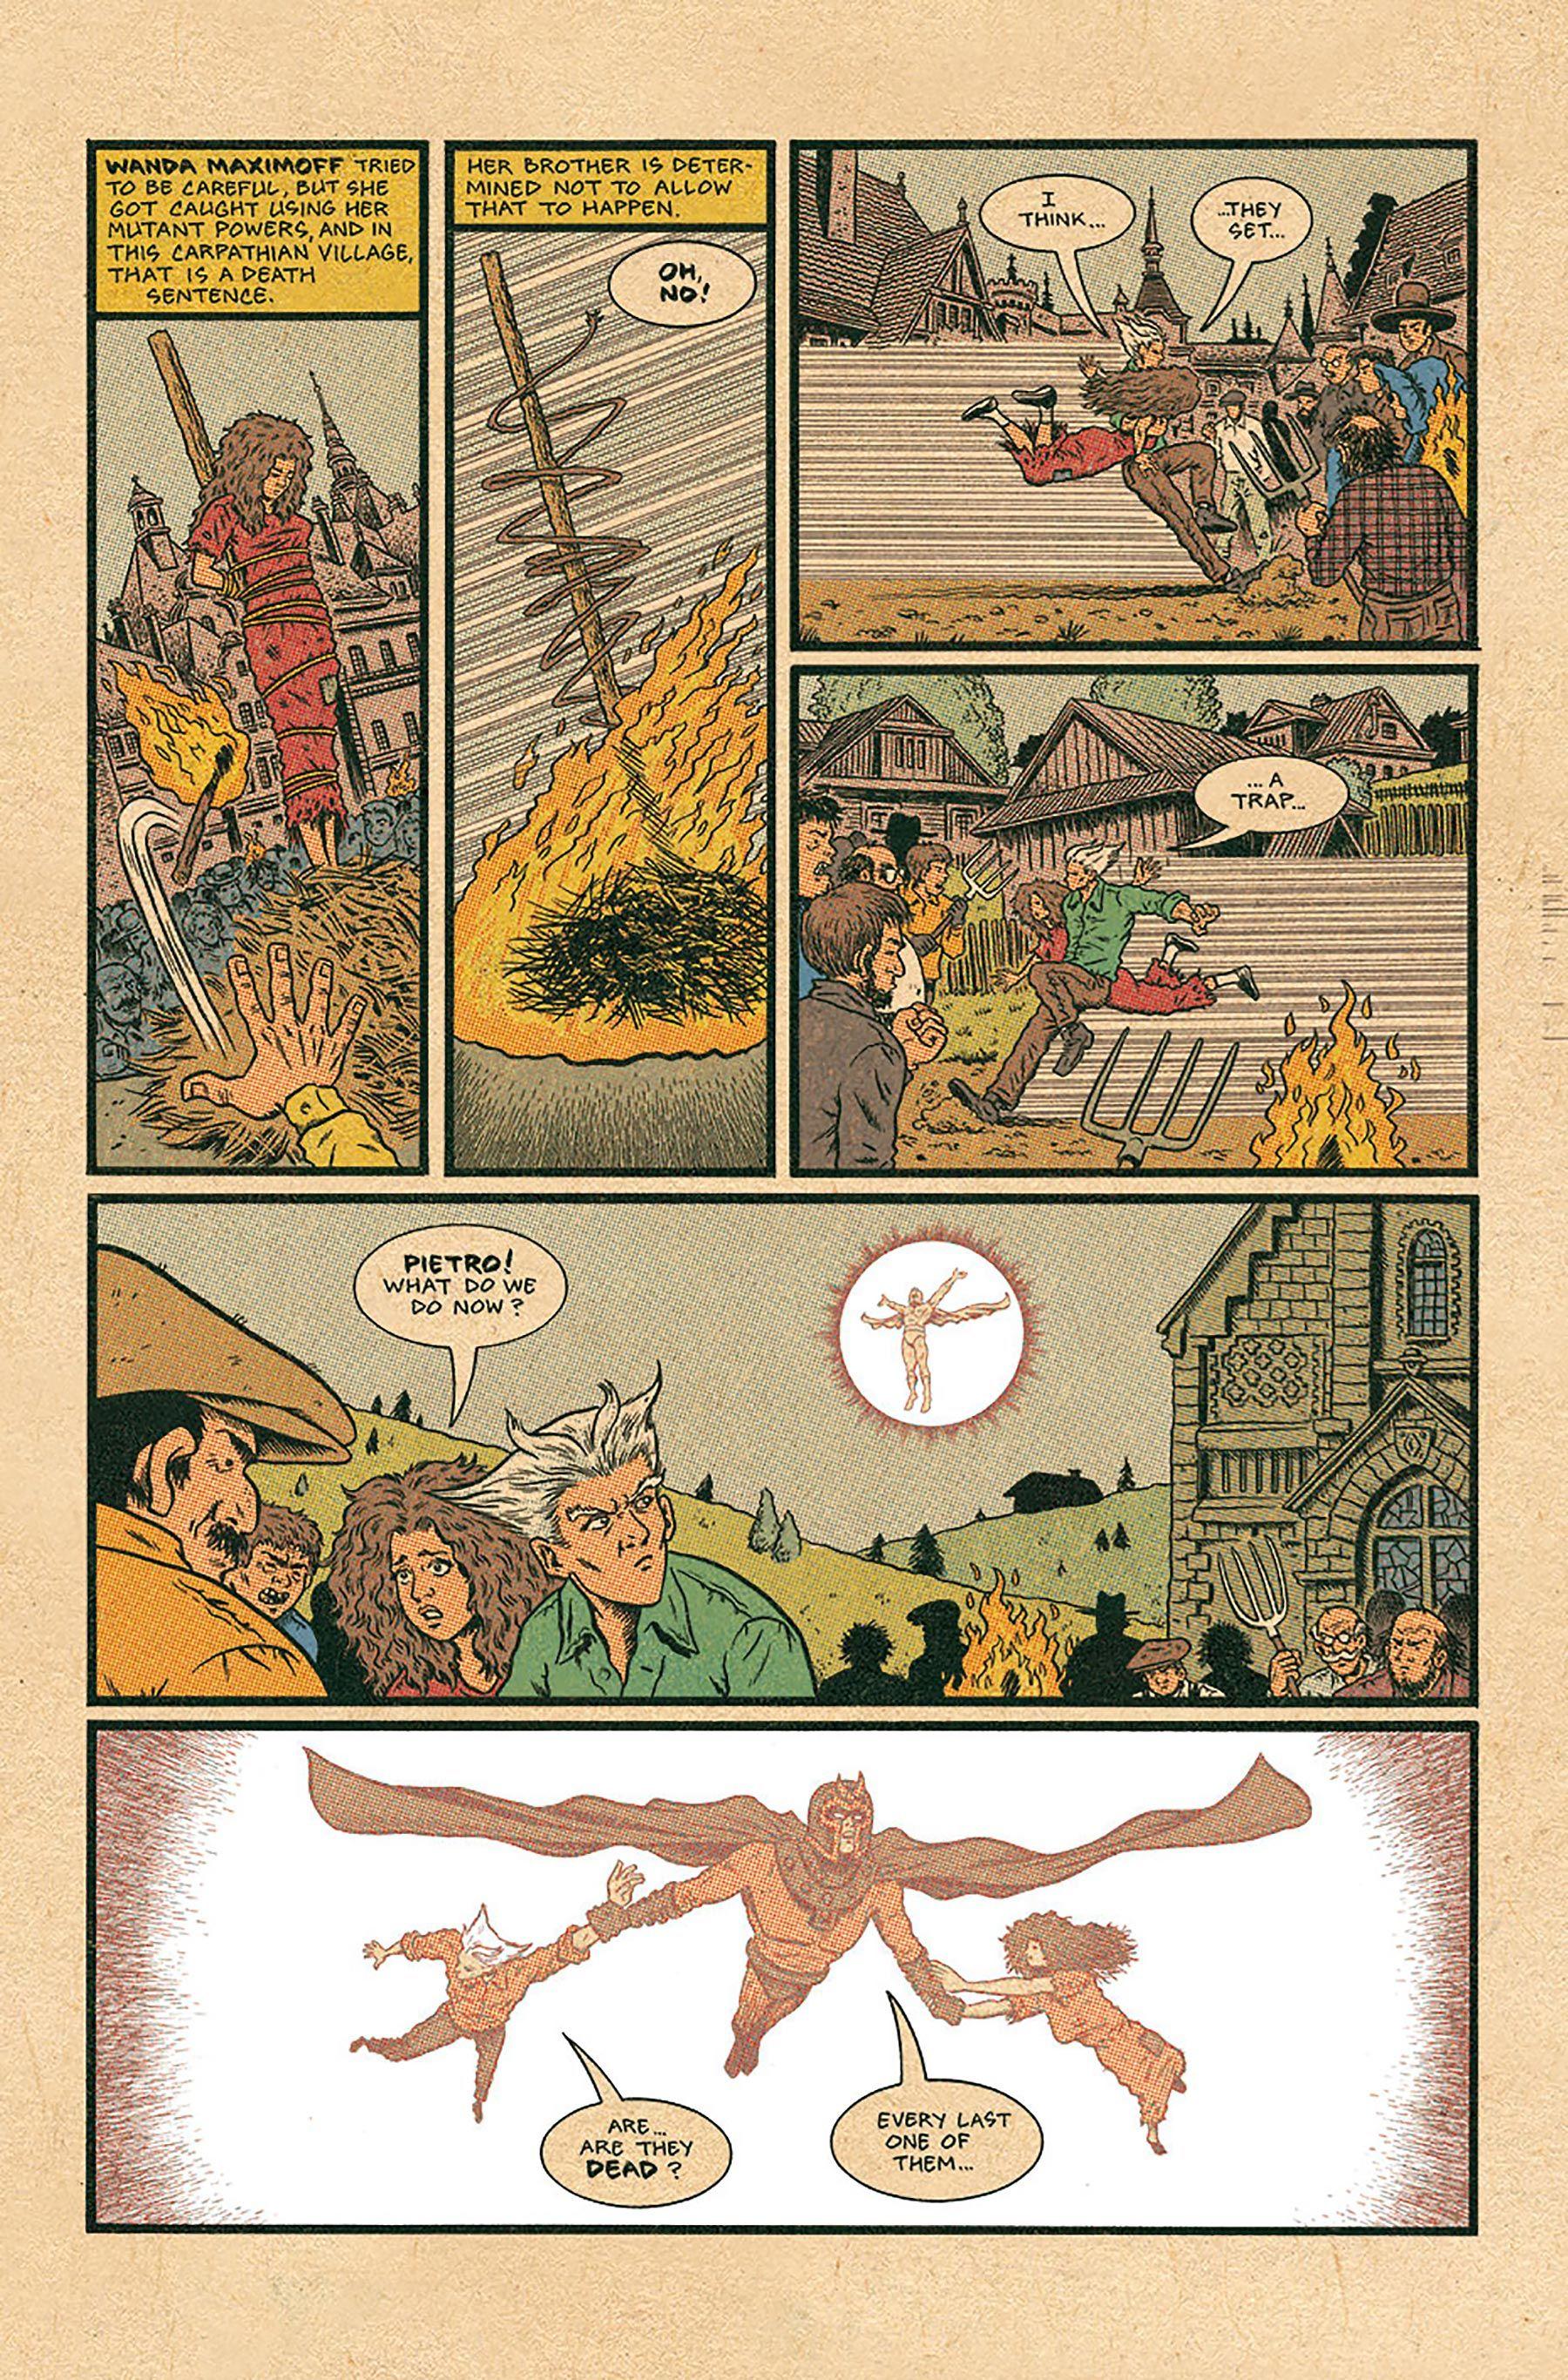 In X Men Grand Design Ed Piskor Tells The Superheroes Whole Story X Men Grand Designs Design